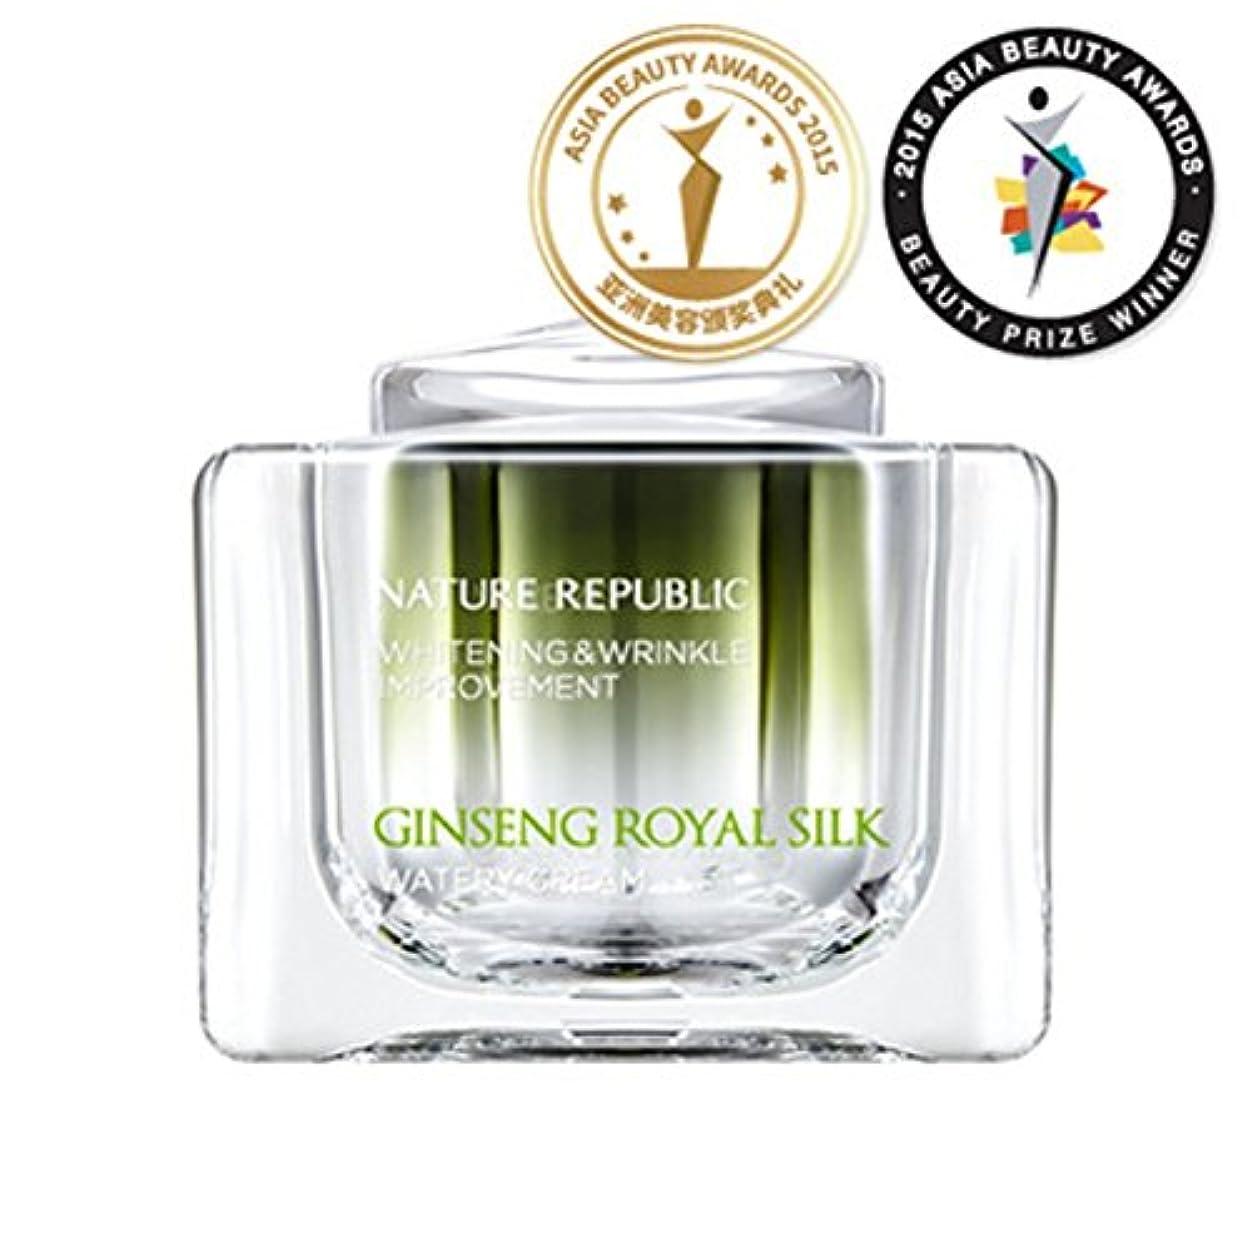 ルール討論不名誉なネイチャーリパブリック [韓国コスメ NATURE REPUBLIC] ジンセン ロイヤル シルク ウォータリー クリーム [海外直送品]Nature Republic, Ginseng Royal silk Watery...